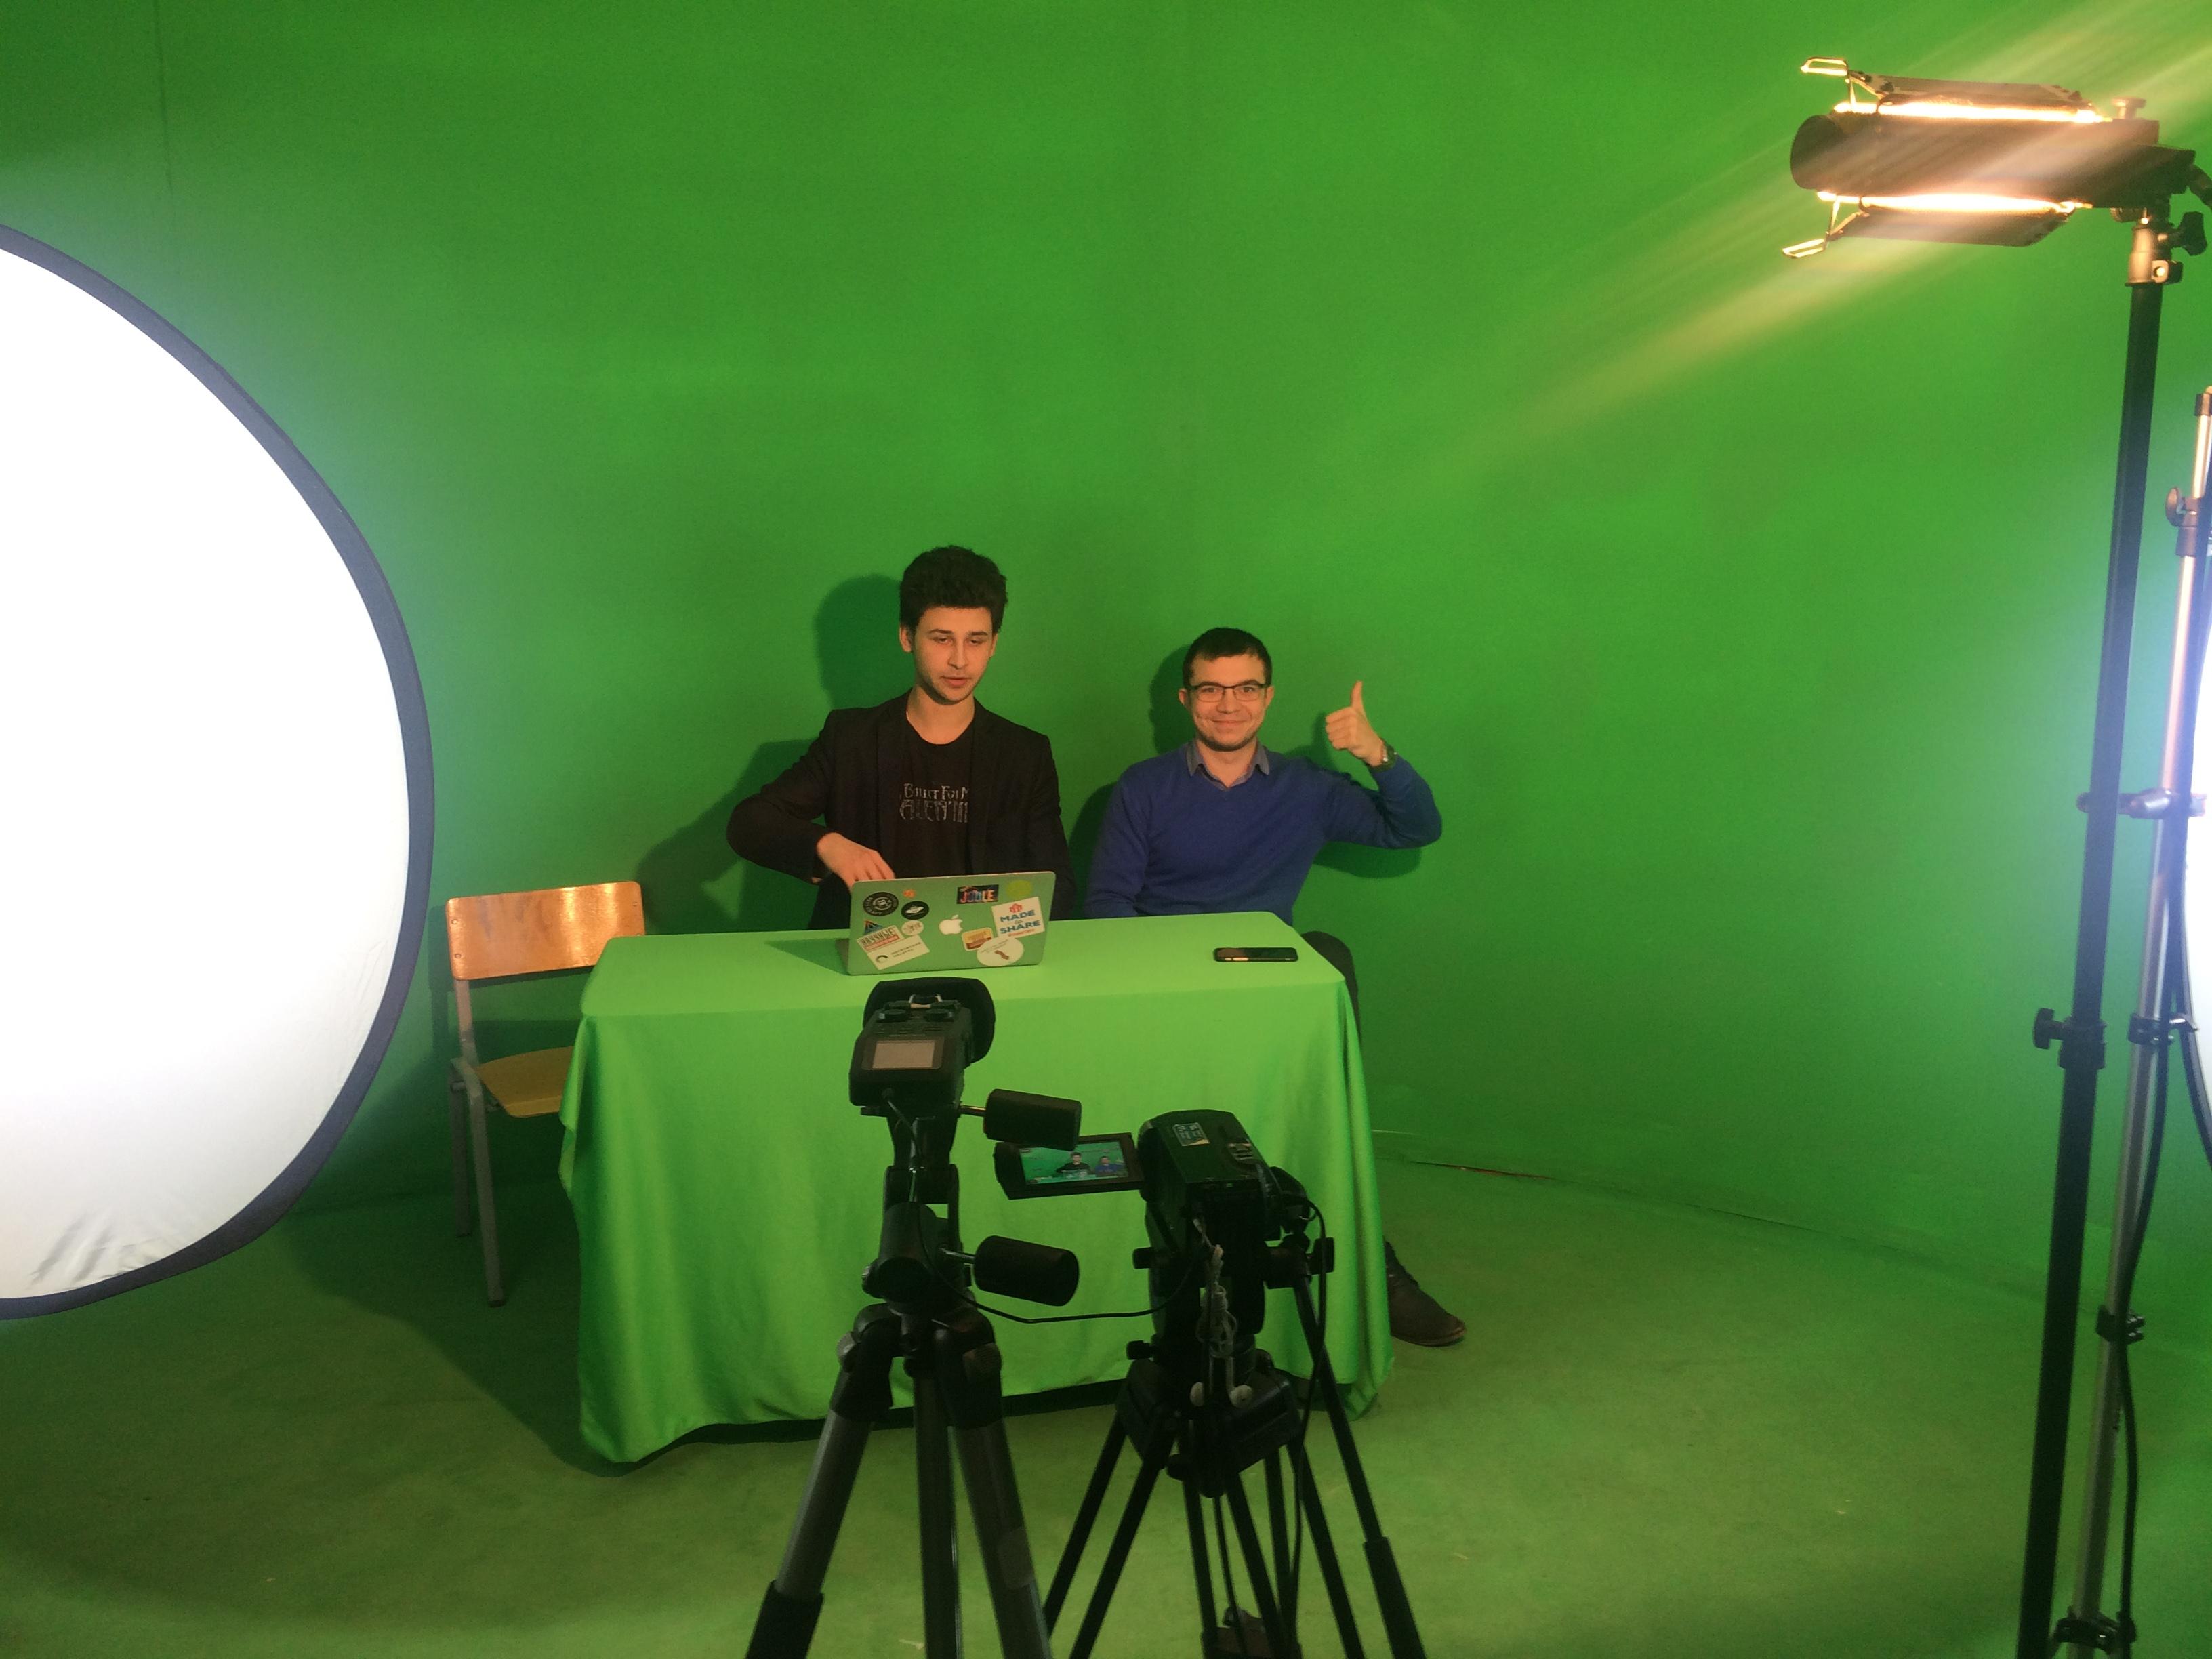 Вебинар для участников конференции из школьной телестудии